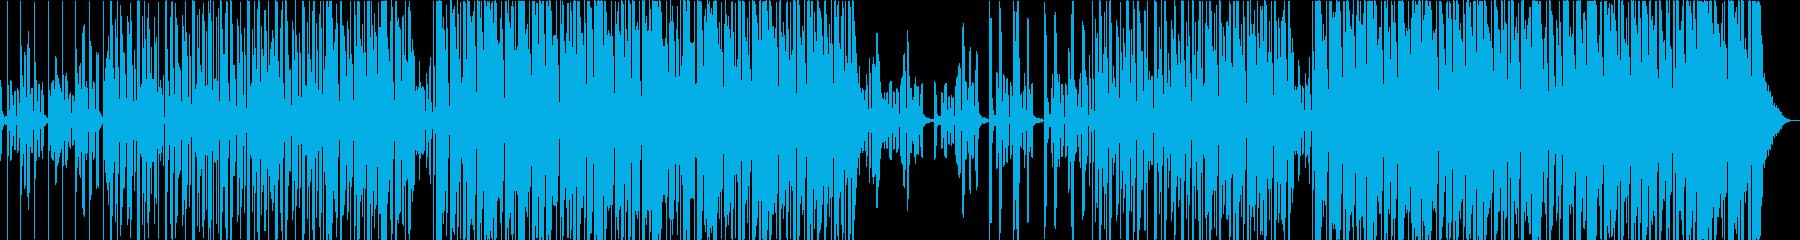 電気計器。テクノロジー-ハイテク-...の再生済みの波形